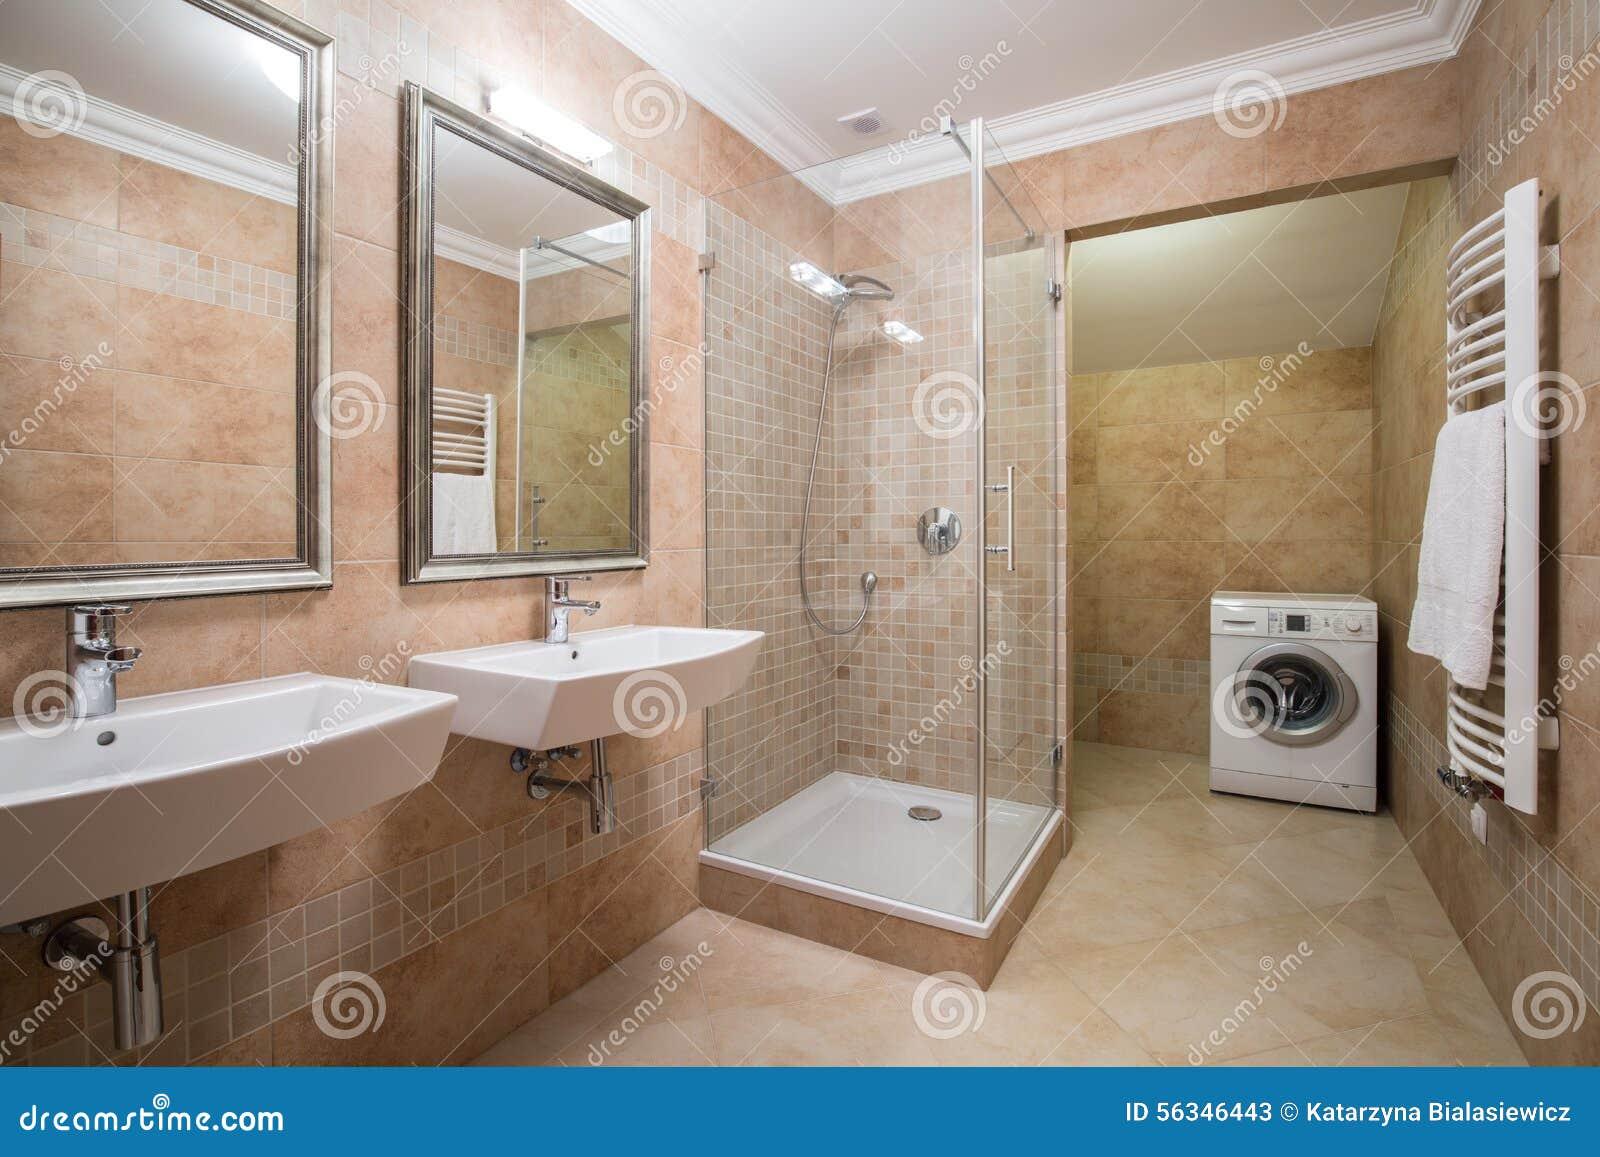 machine laver dans la salle de bains beige image stock. Black Bedroom Furniture Sets. Home Design Ideas